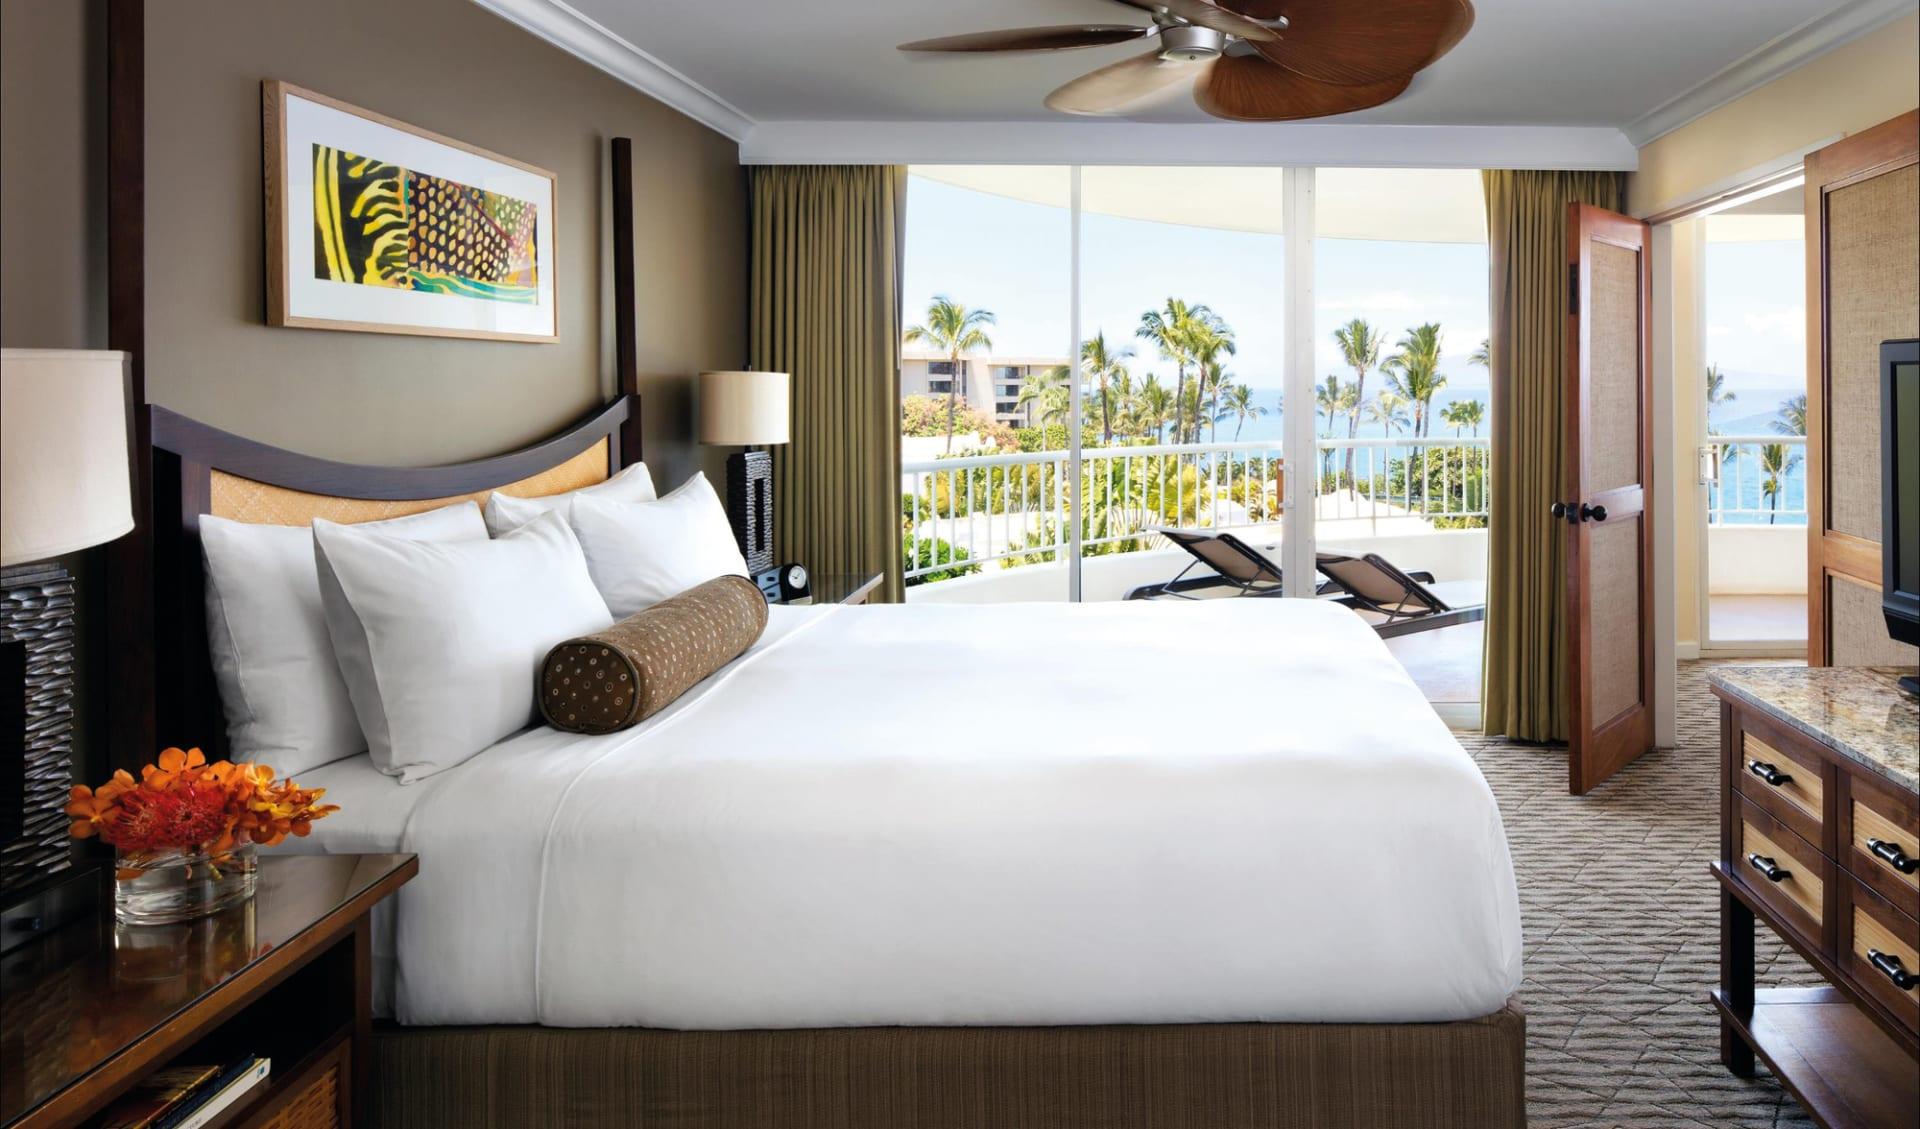 Fairmont Kea Lani Maui in Wailea - Maui: Fairmont Kea Lani Maui - Hotelzimmer